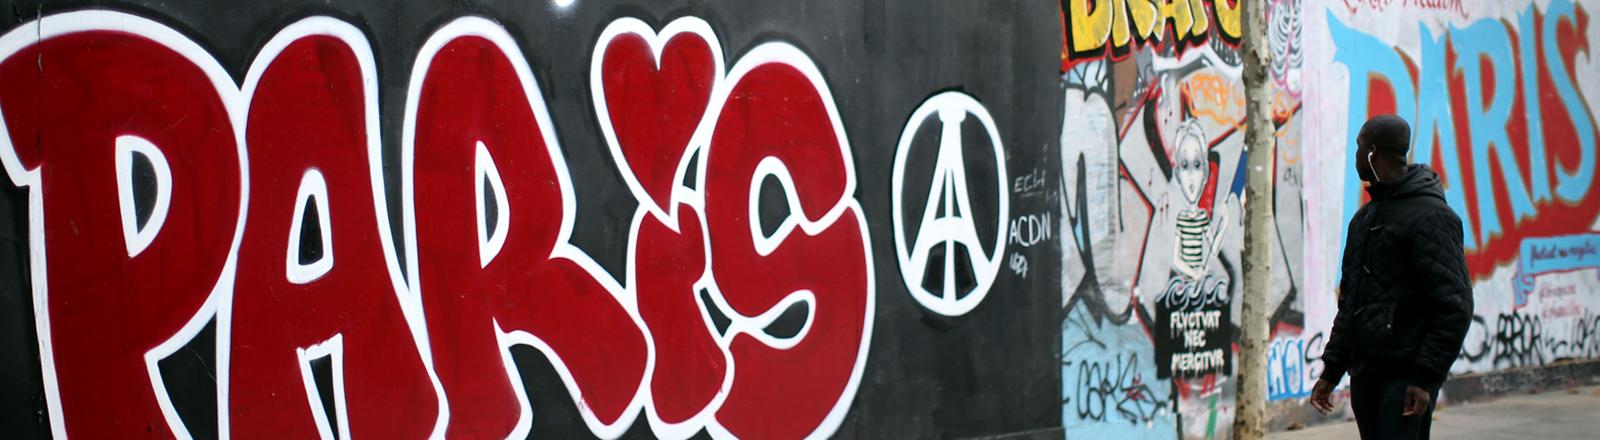 In der Nähe des Platzes der Republik ist eine Graffitiwand mit Paris und dem Gedenksymbol für die Anschläge auf Paris besprüht